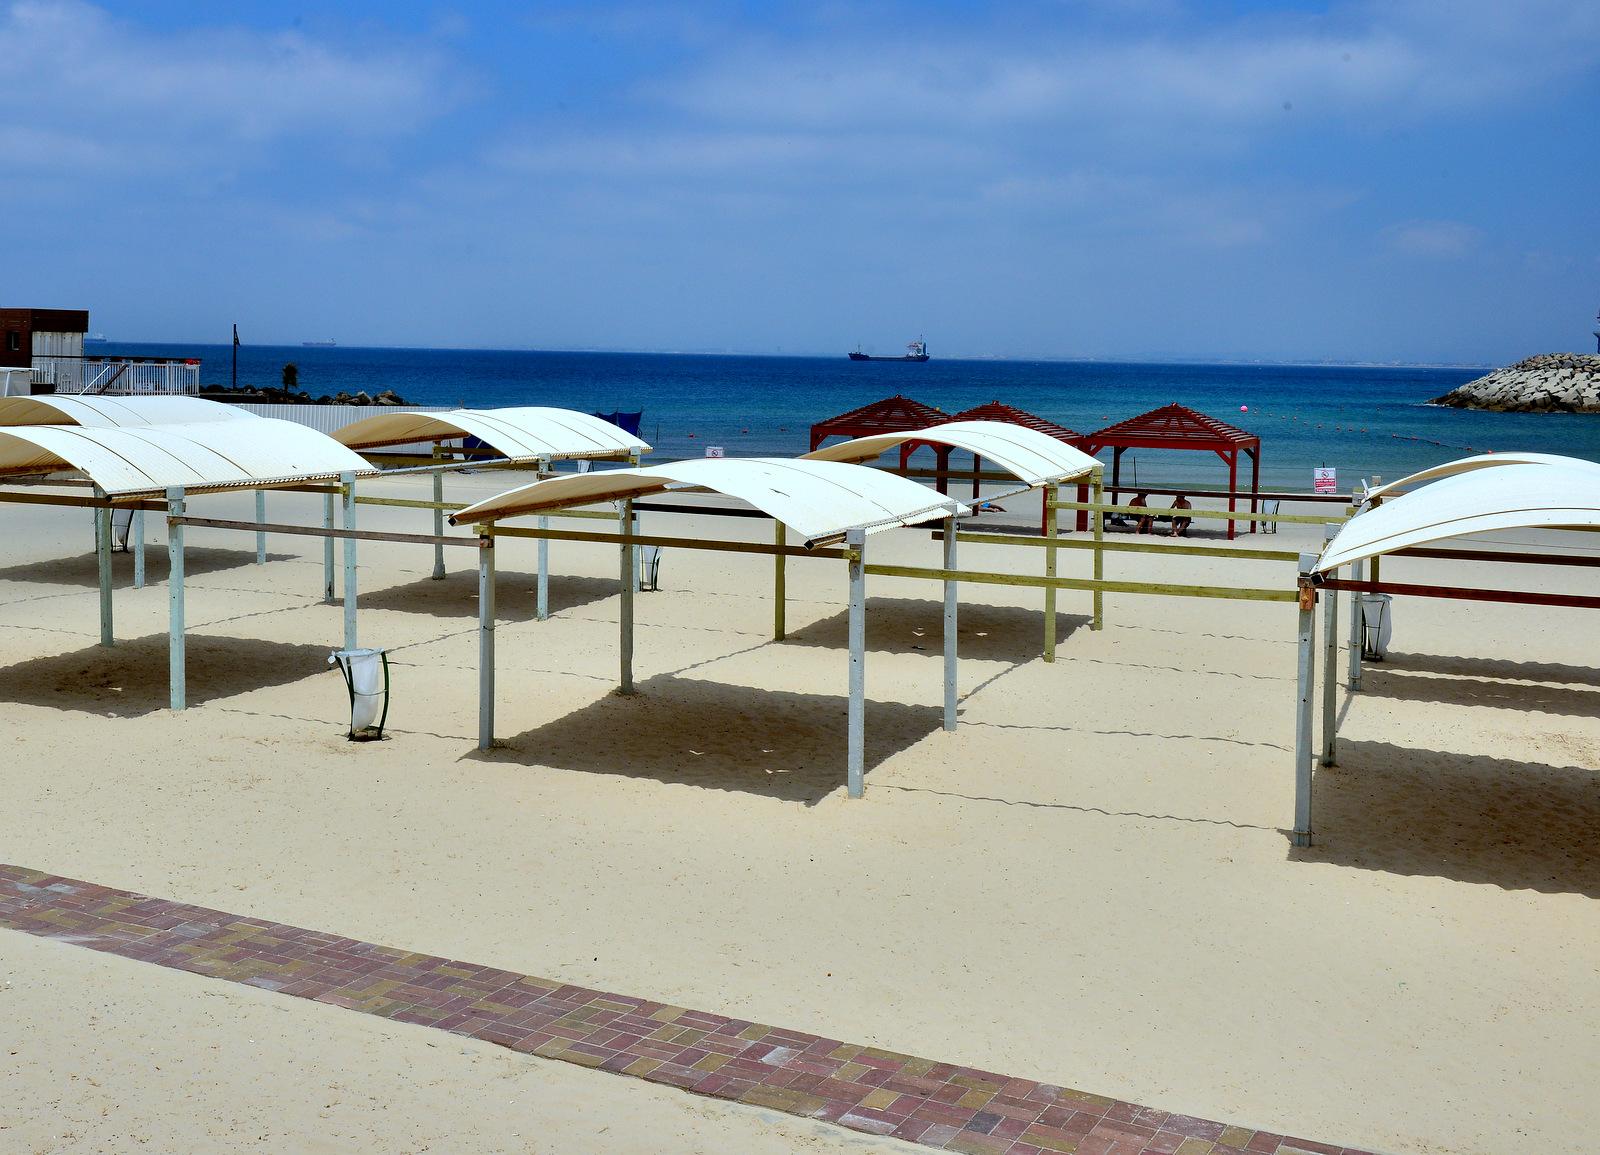 מתרחצים בחיפה? החוף השקט לא ייפגע